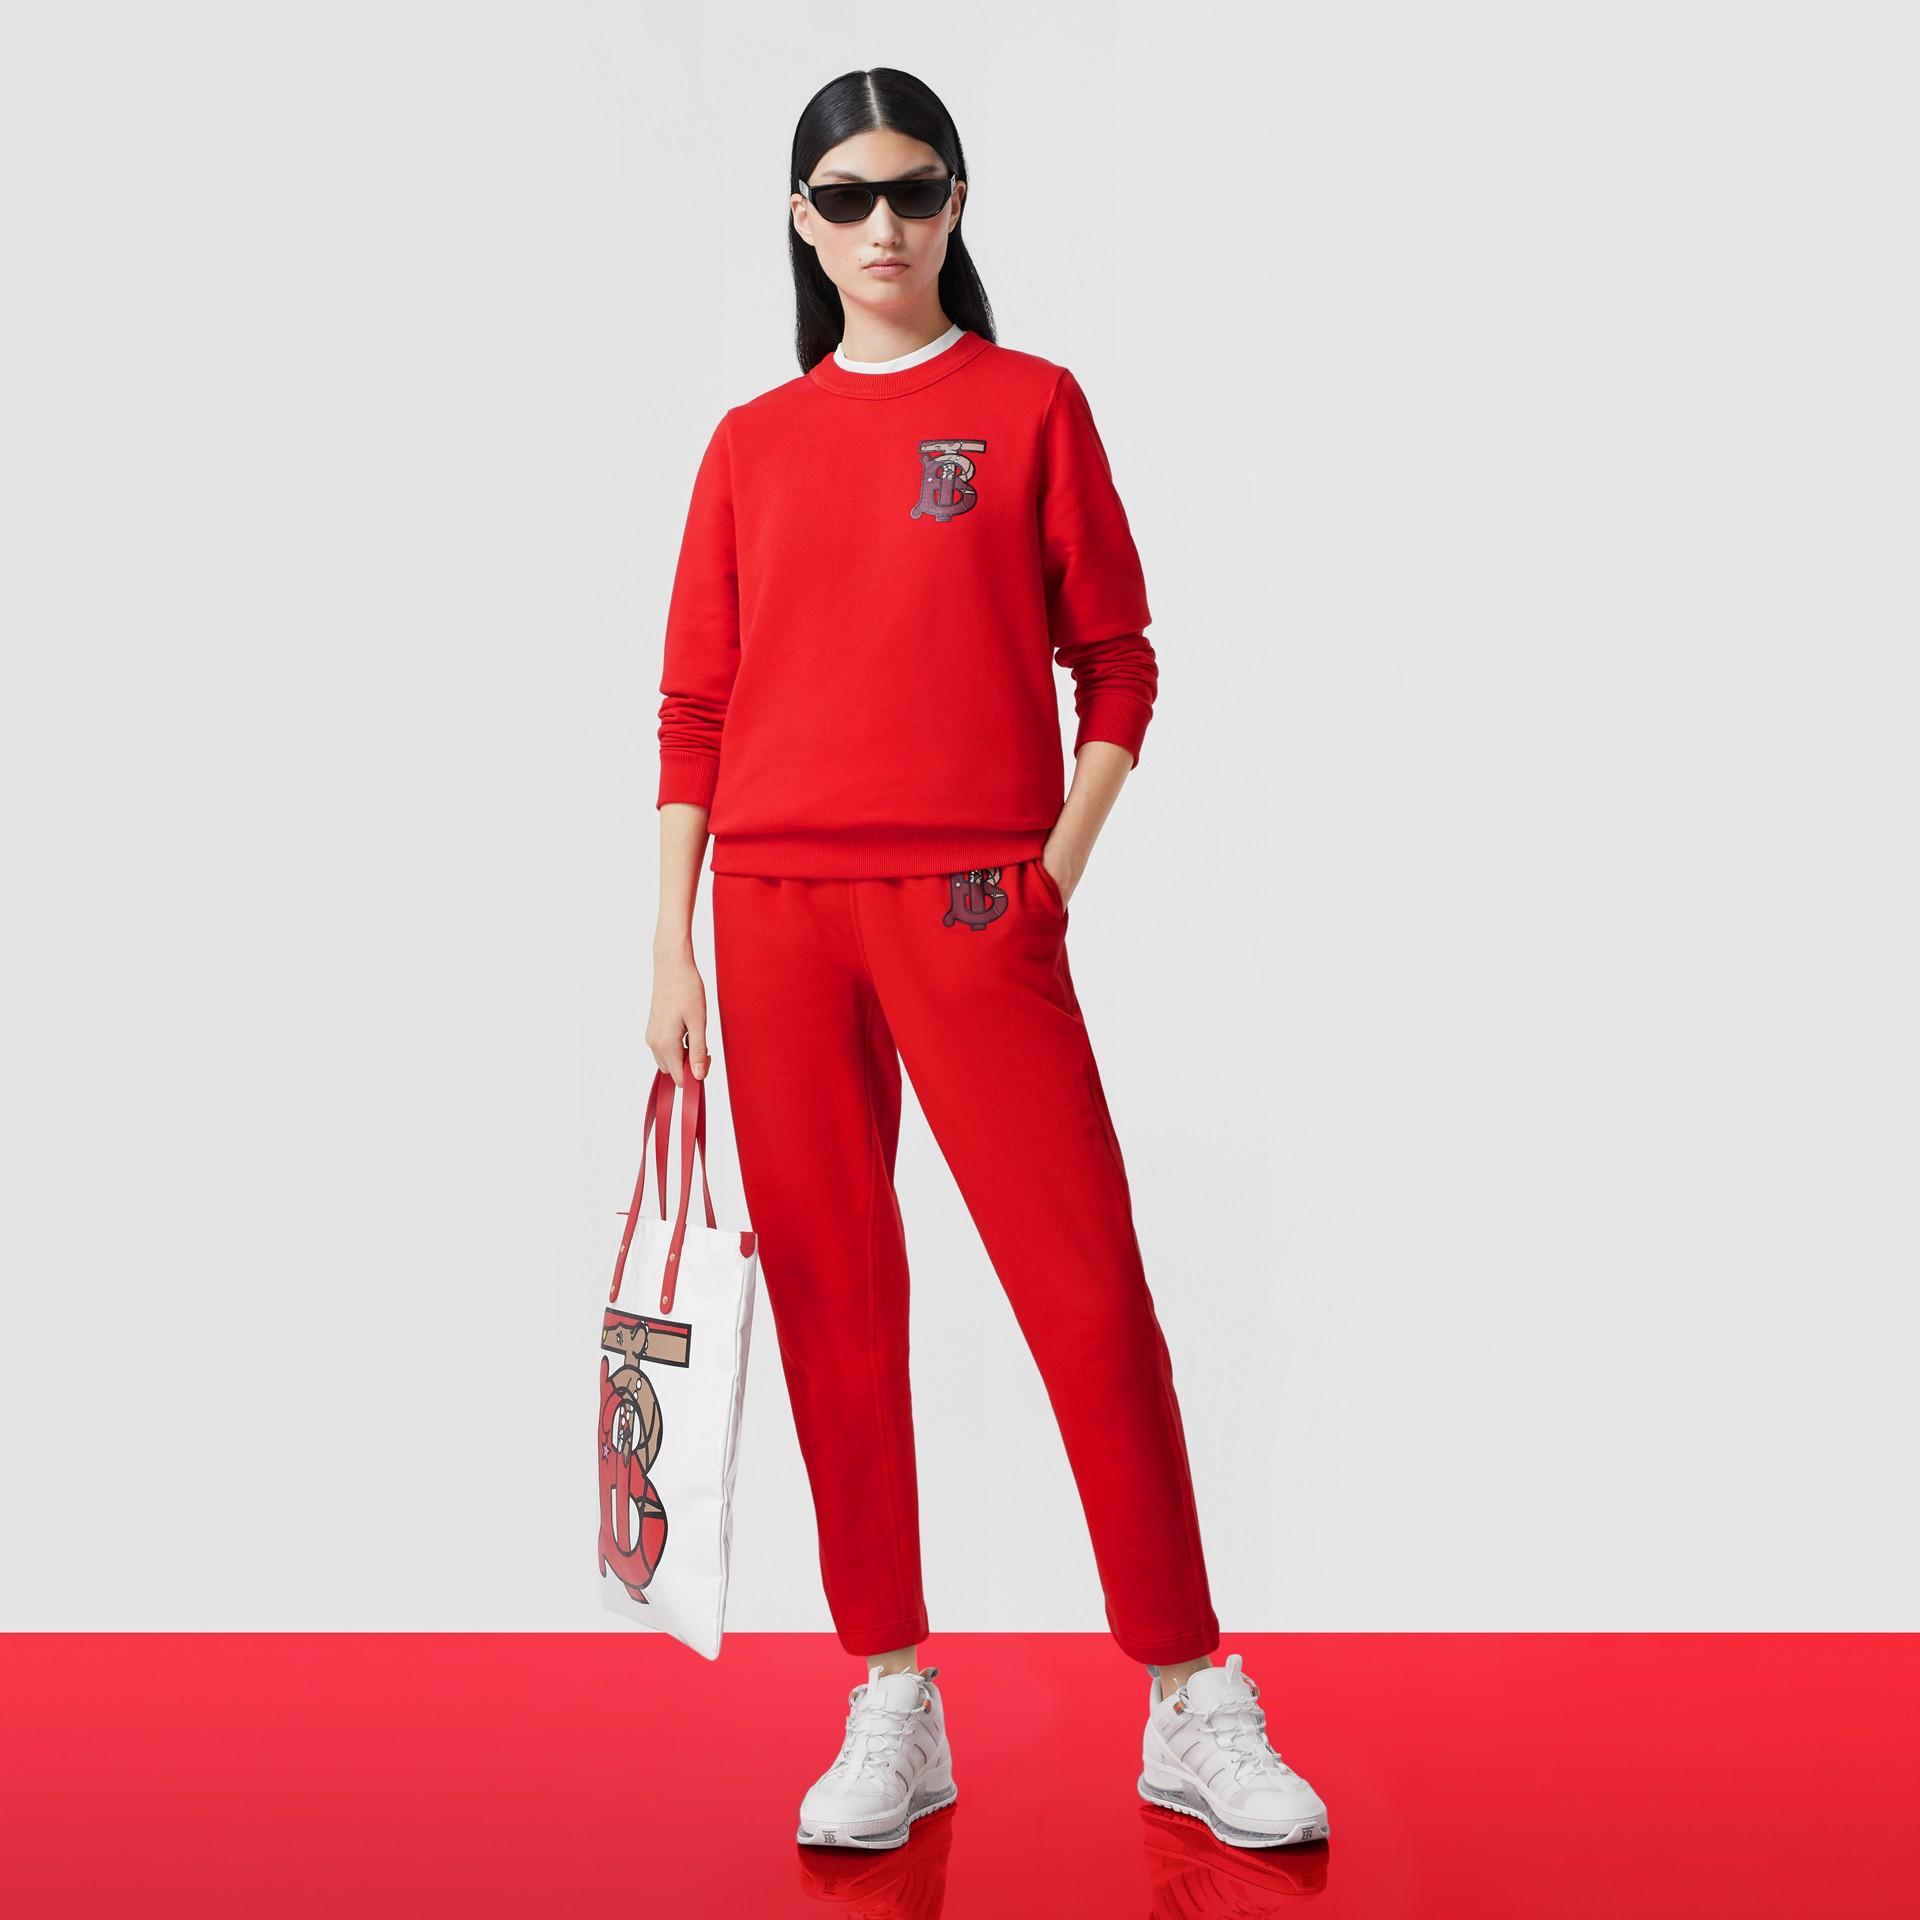 花押字圖案棉質寬版運動衫 (亮紅色) - 女款 | Burberry - 圖庫照片 5